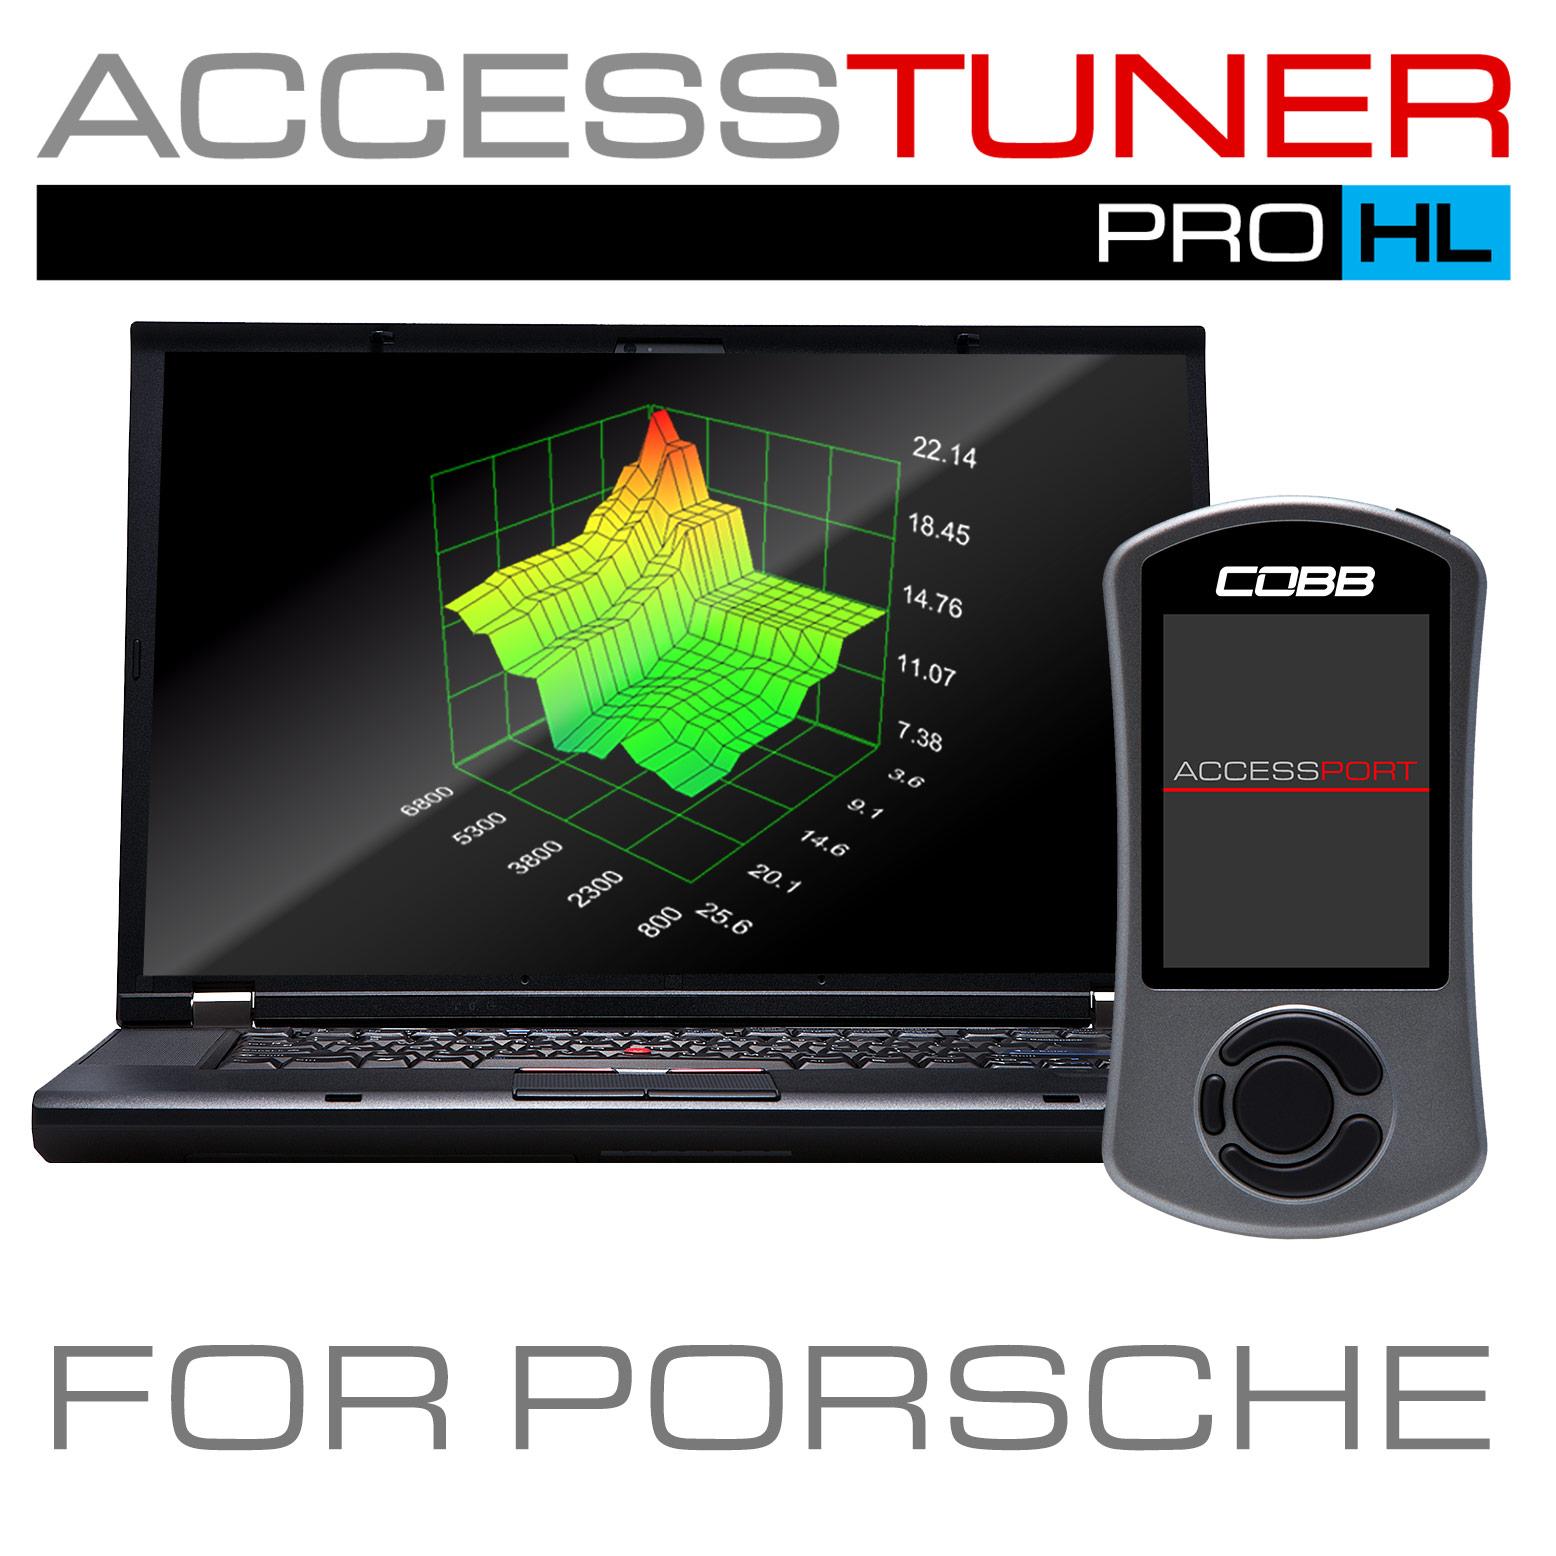 Accesstuner Pro for Porsche